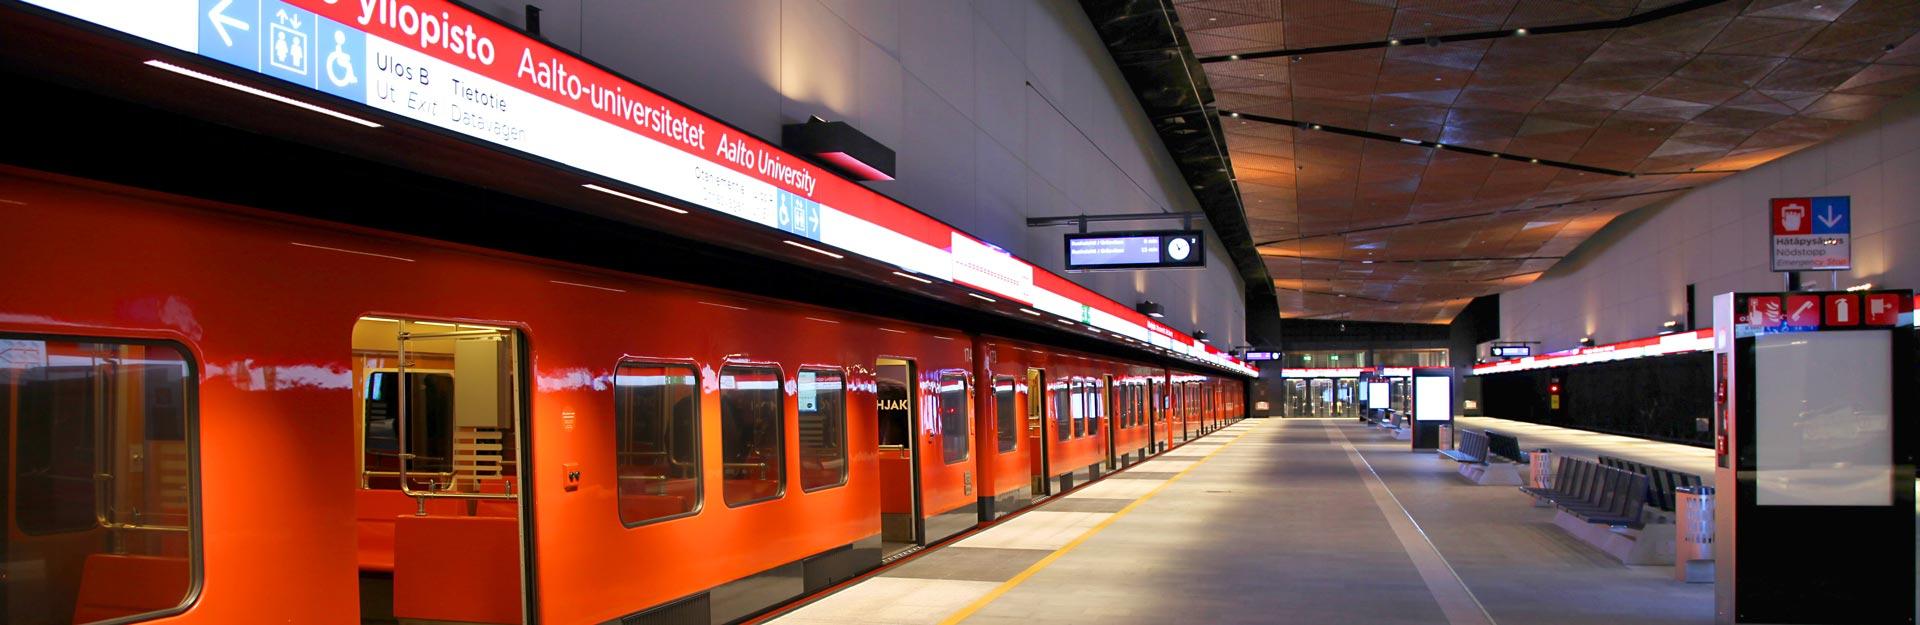 En tunnelbana vid Aalto-universitetets metrostation.